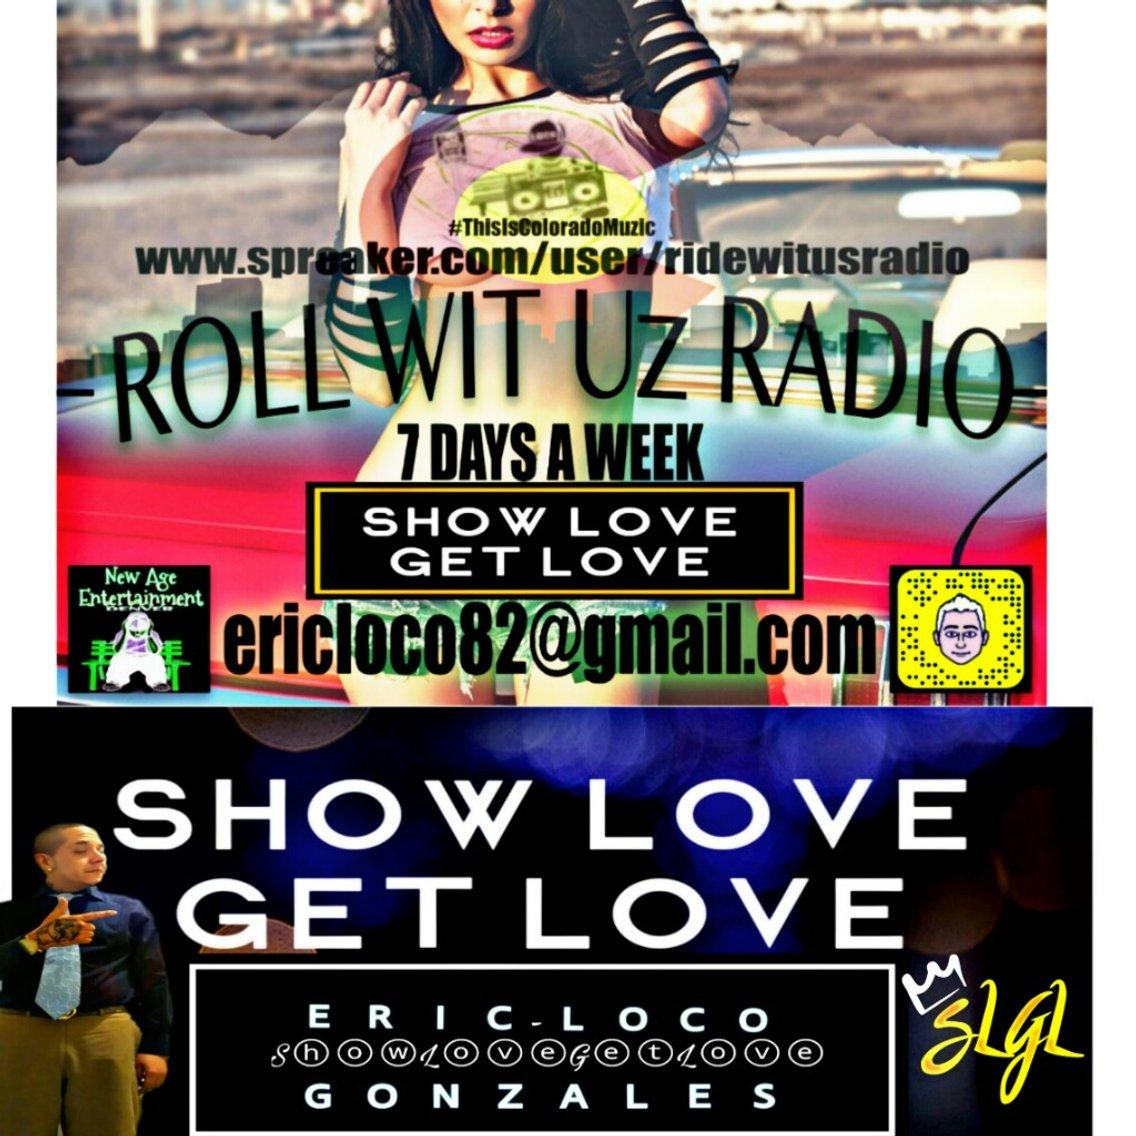 Roll-Wit_Uz-Radio - Cover Image